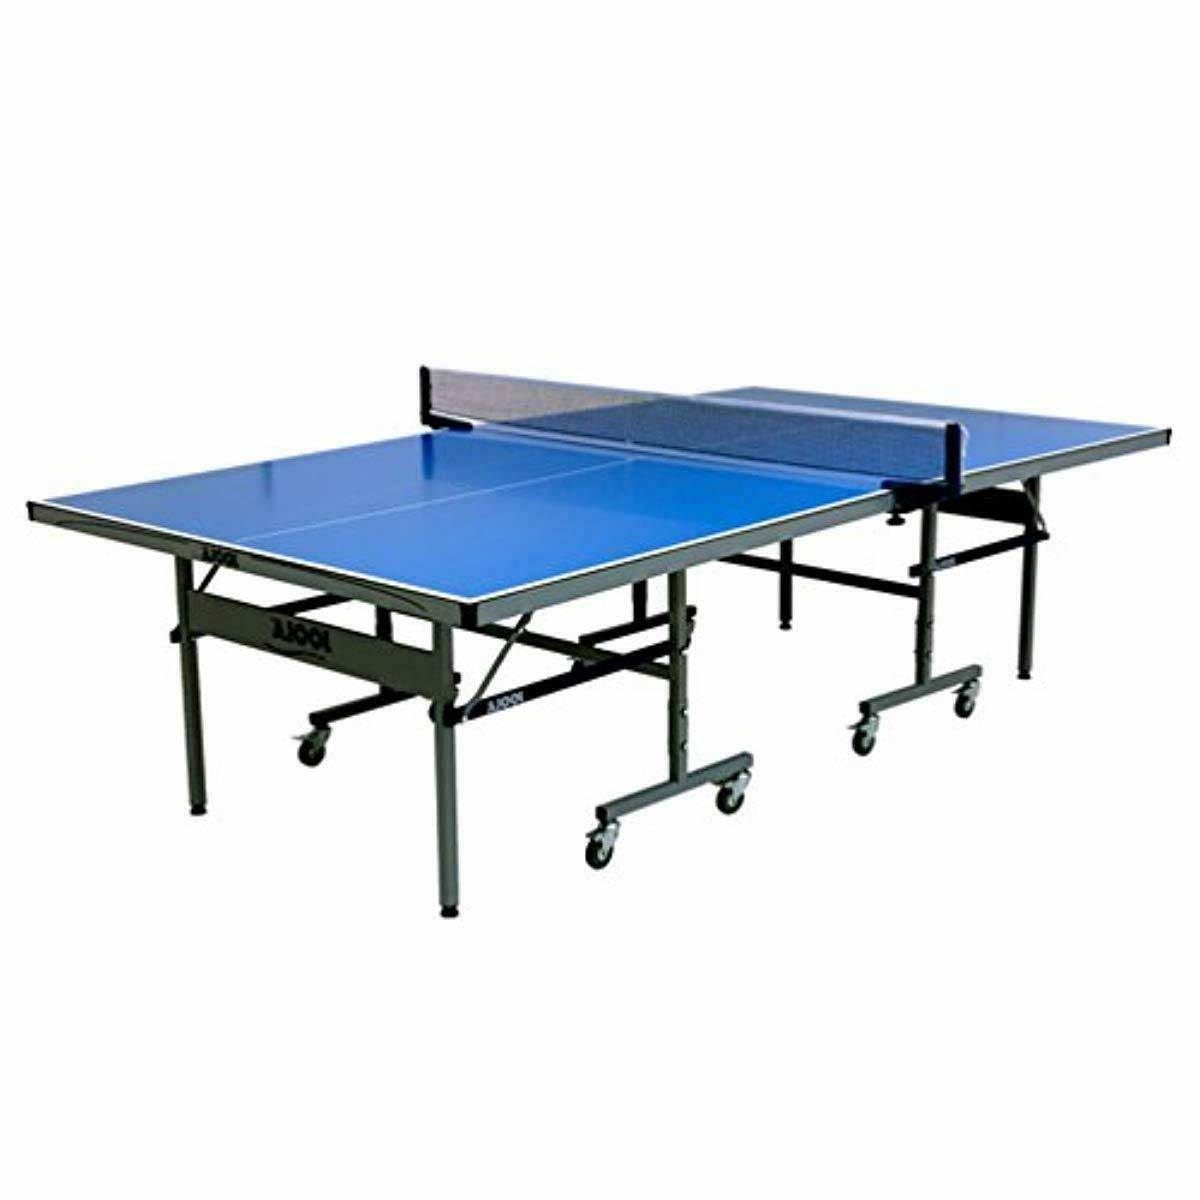 joola rapid play outdoor table tennis table